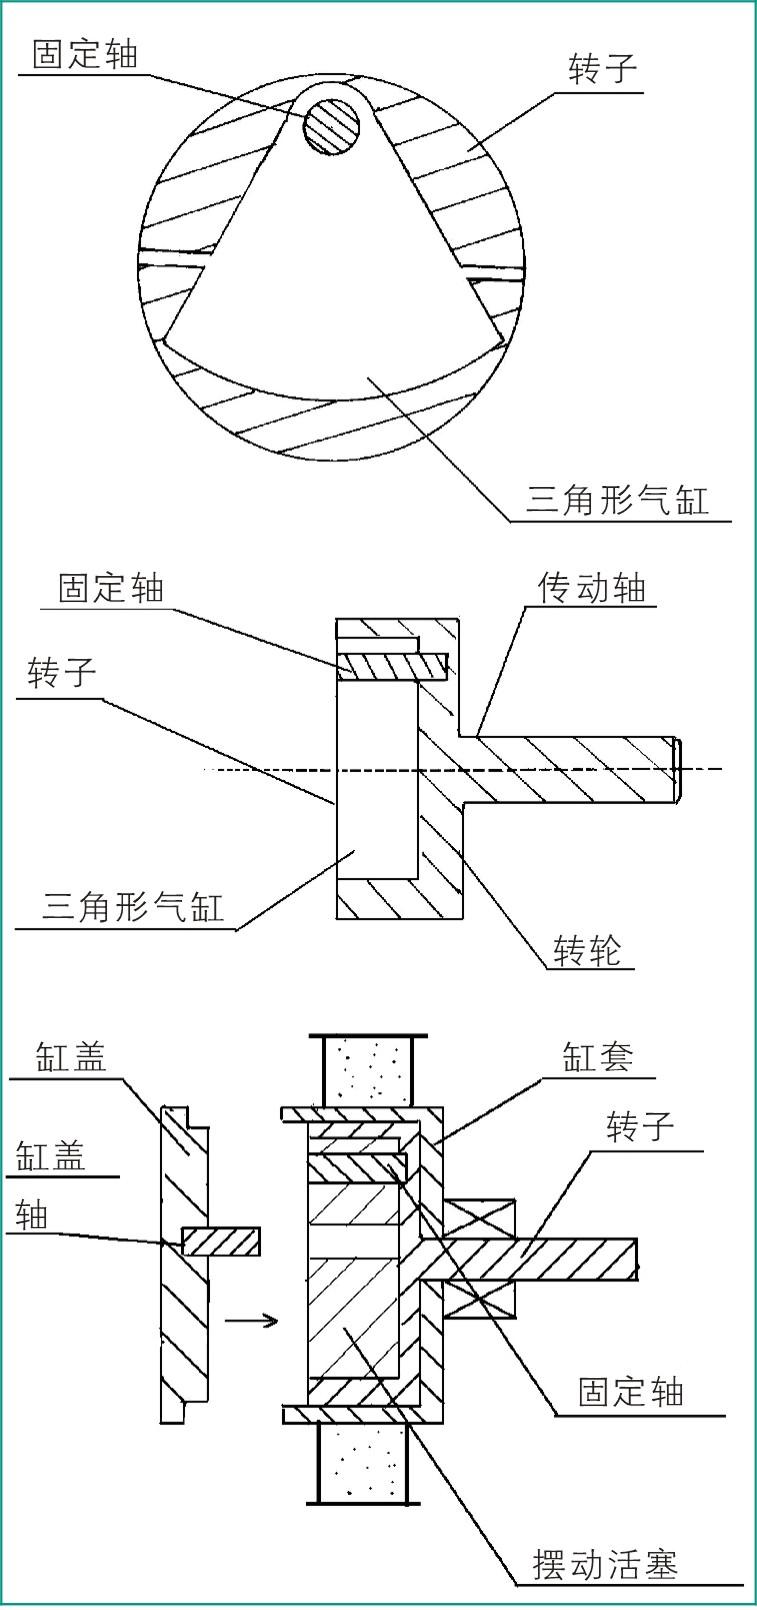 转轮摆线滚动压缩机的结构十分简单